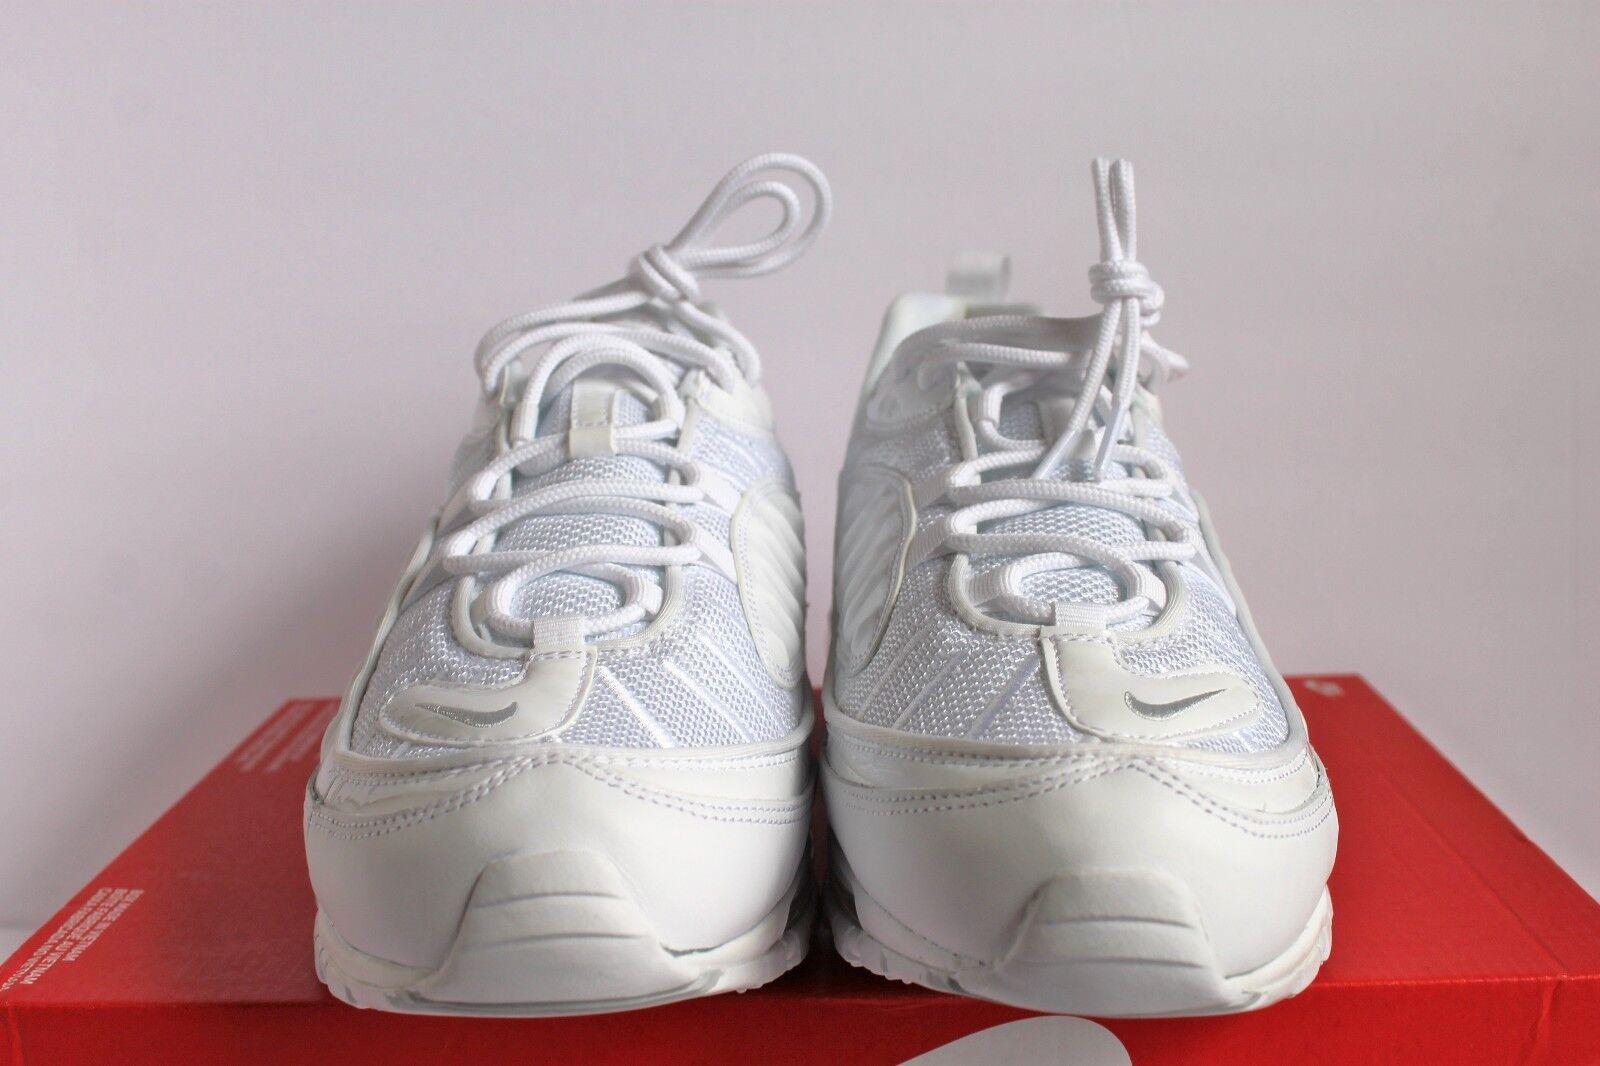 nike air max 97 platin - weiß weiße aus platin 97 schwarze männer sz 11 [640744-106] af0f26